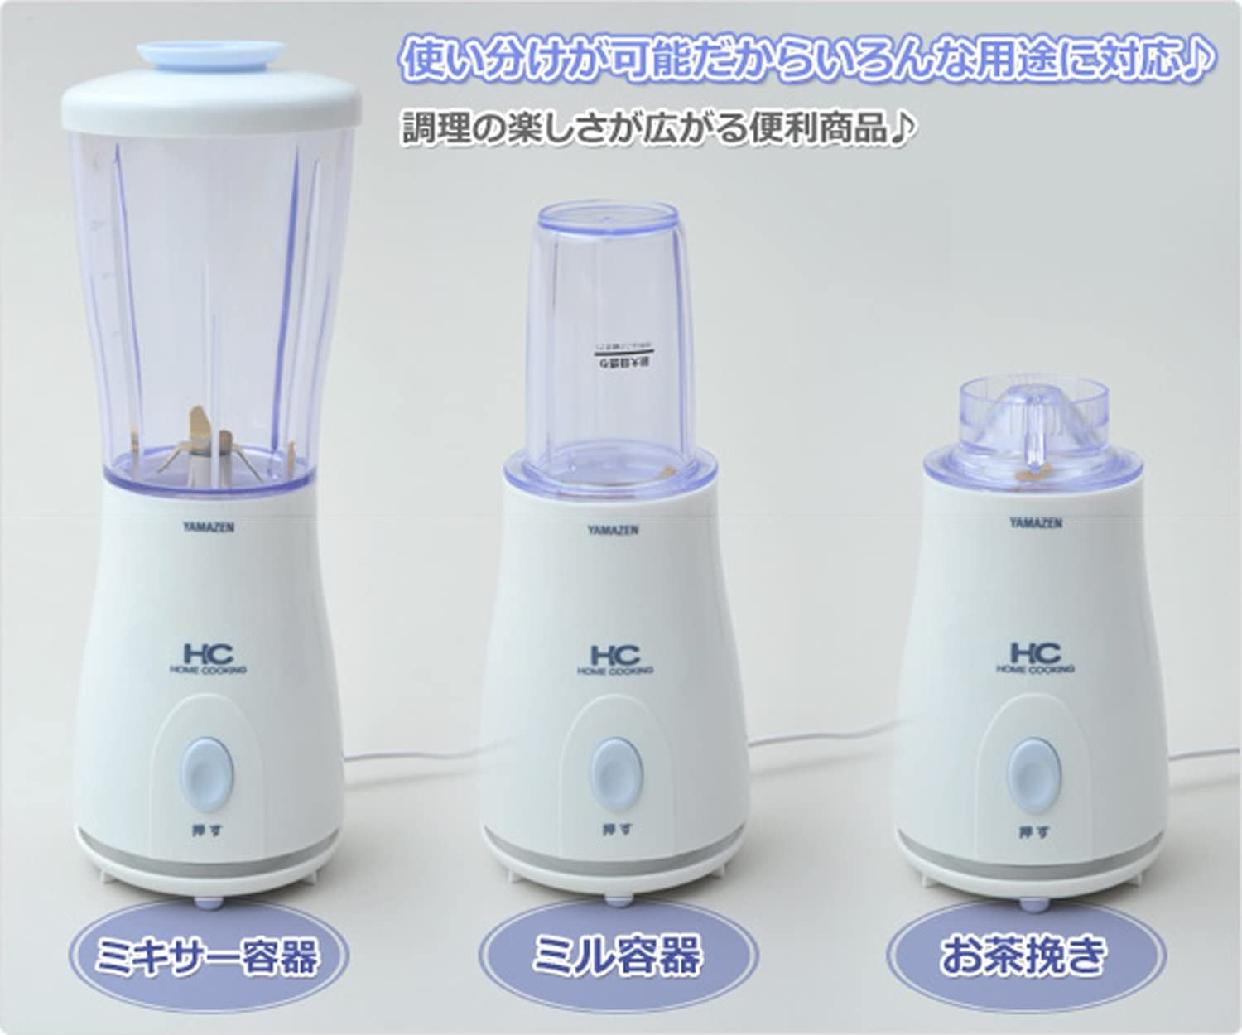 山善(YAMAZEN) ミルミキサー ジューサー ホワイト MR-280-Wの商品画像4